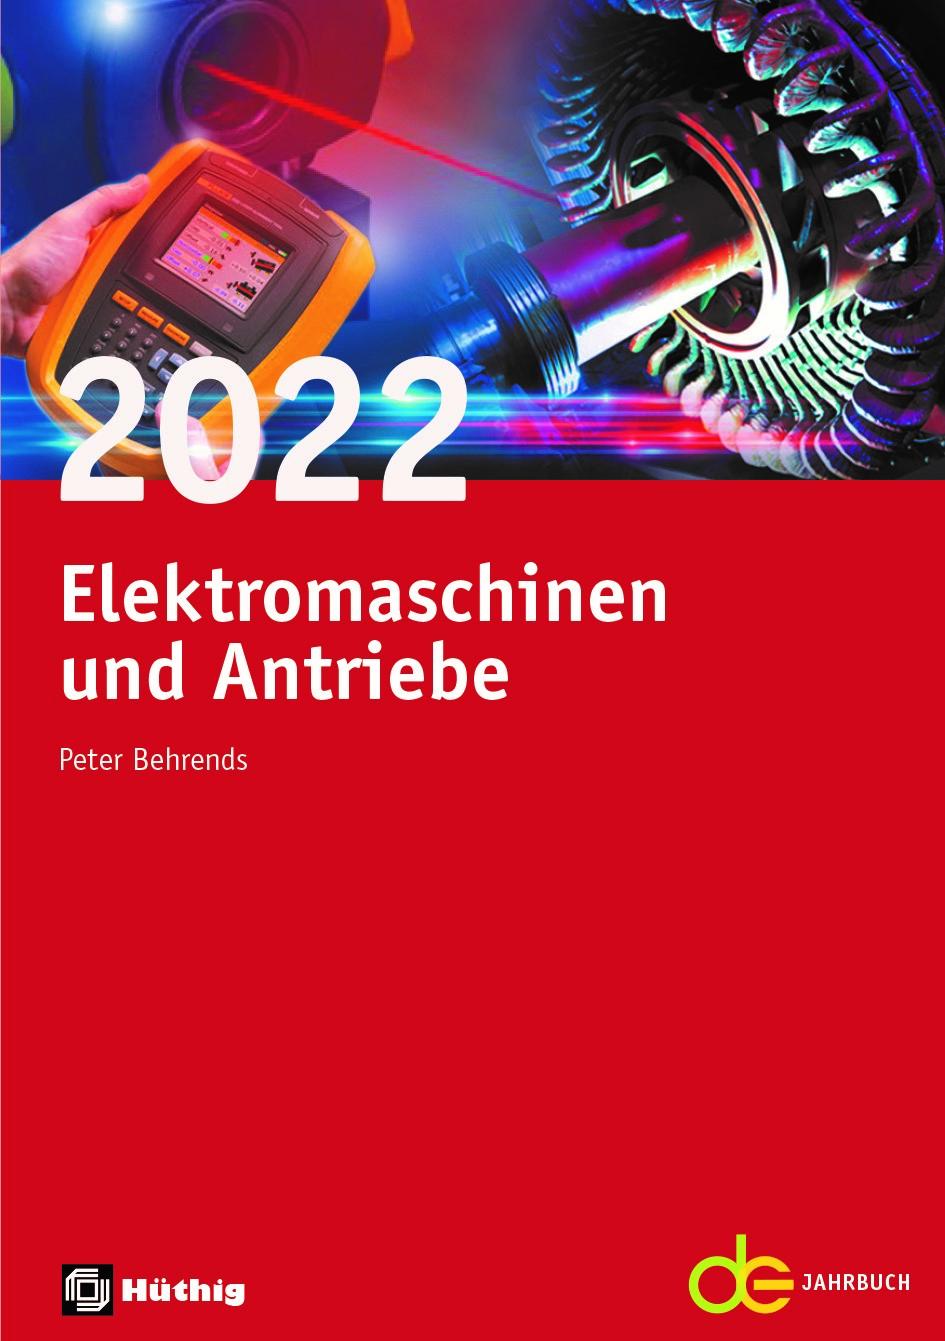 Elektromaschinen und Antriebe 2022